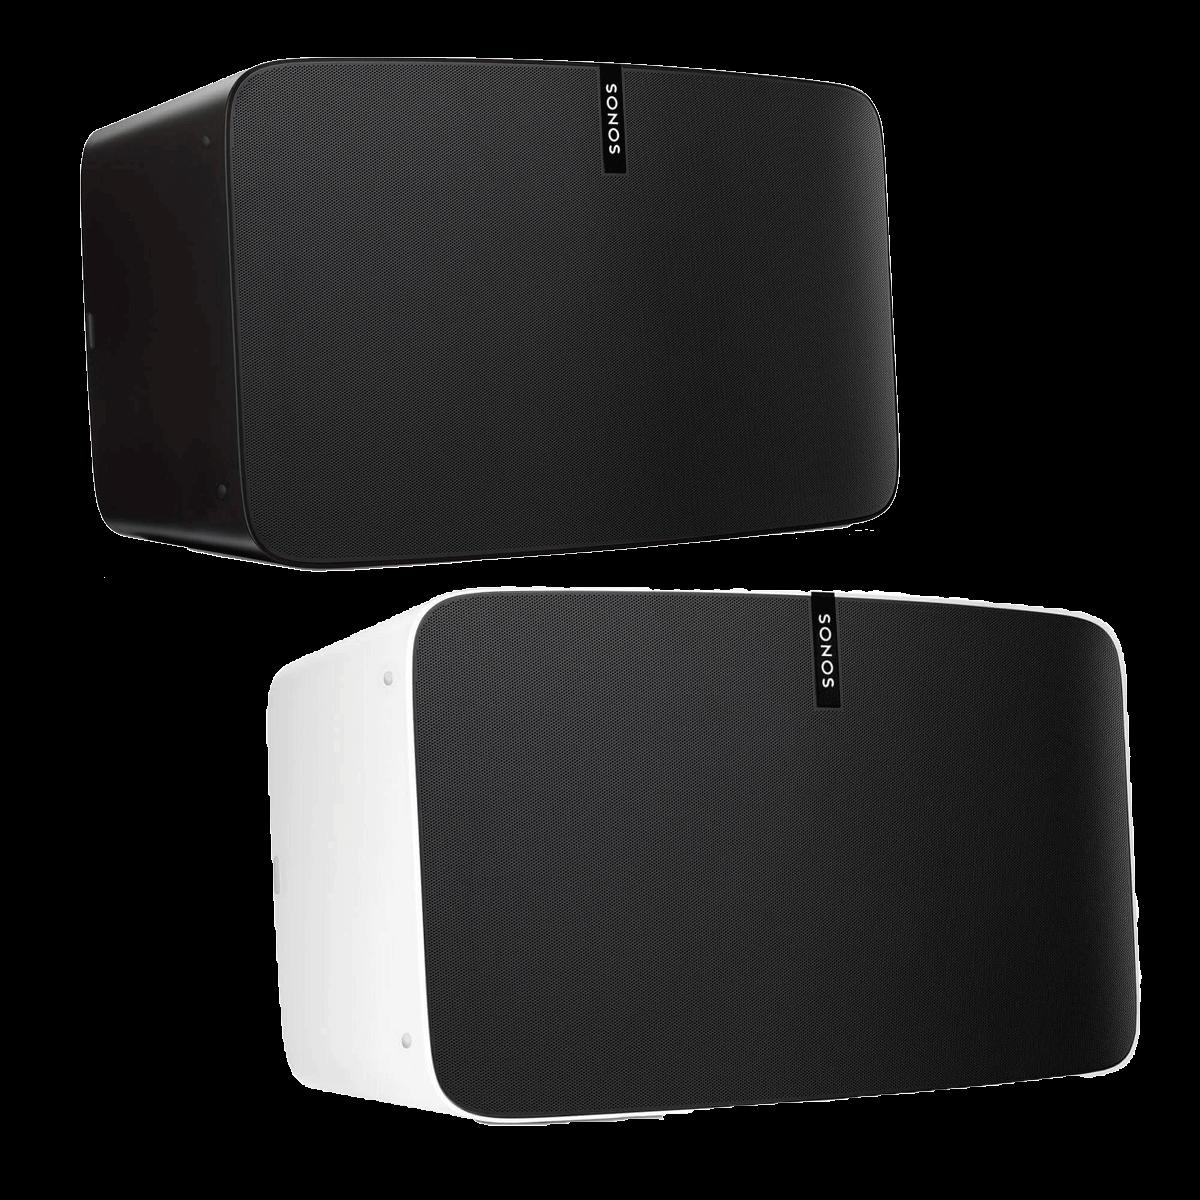 Sonos PLAY:5 | Weiß Schwarz | Multiroom Speaker für Wireless Music Streaming